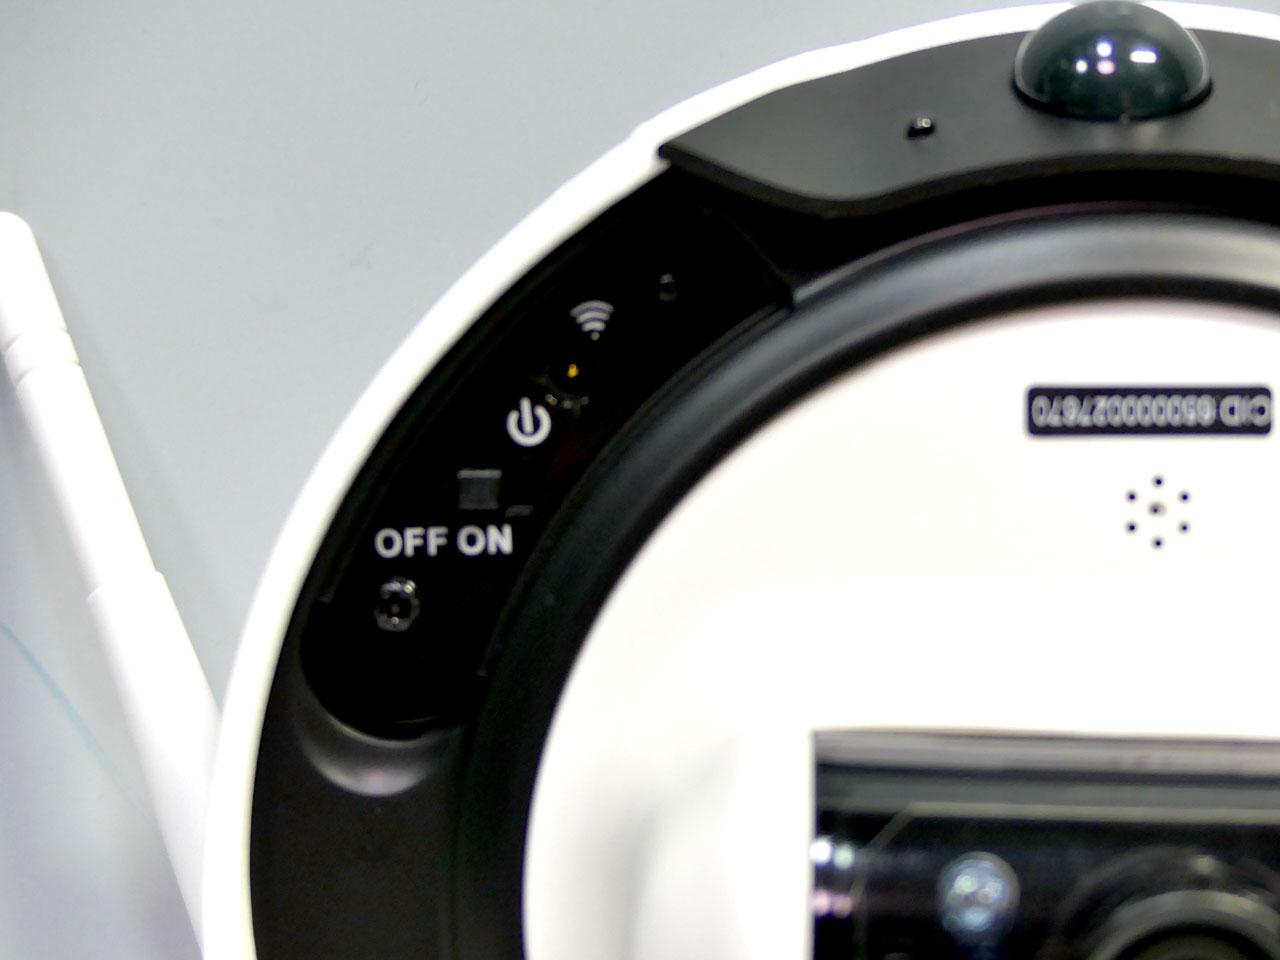 底面側のカバーを開けると、充電コネクタ、電源スイッチ、Wi-Fiボタンが姿を現す